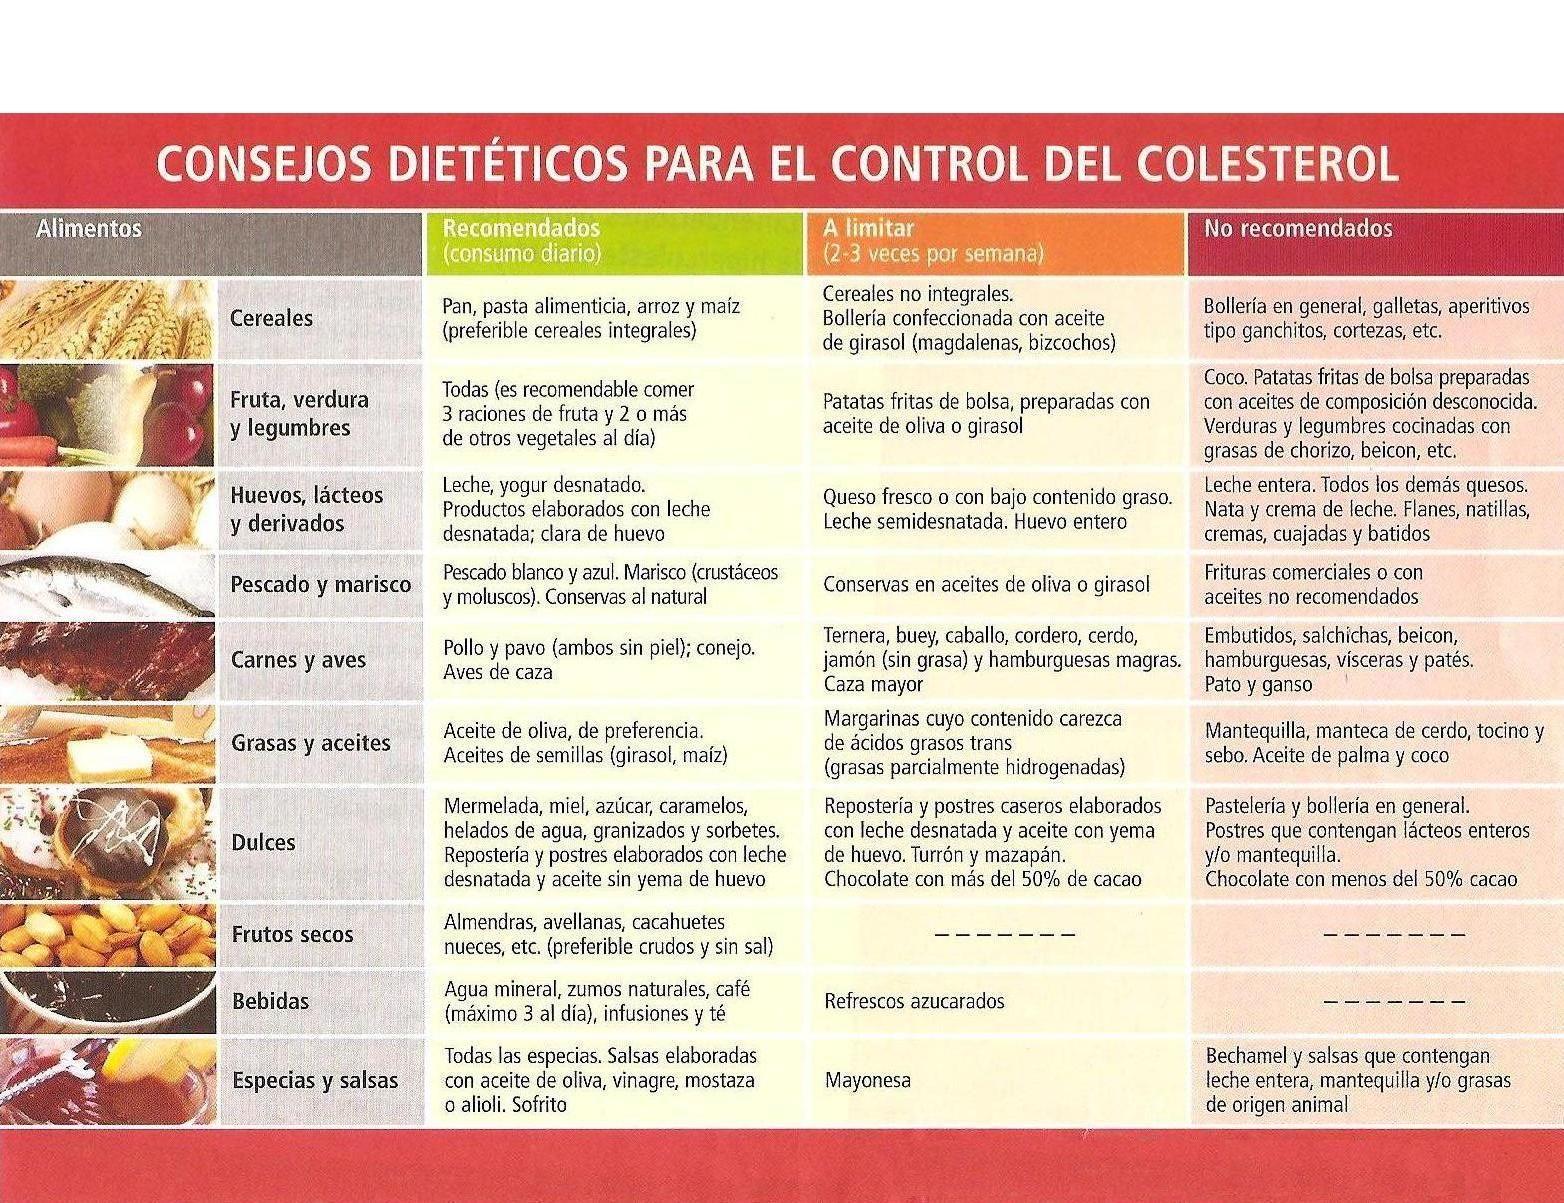 consejos_dieteticos_control_colesterol_pacientes.jpg (1564